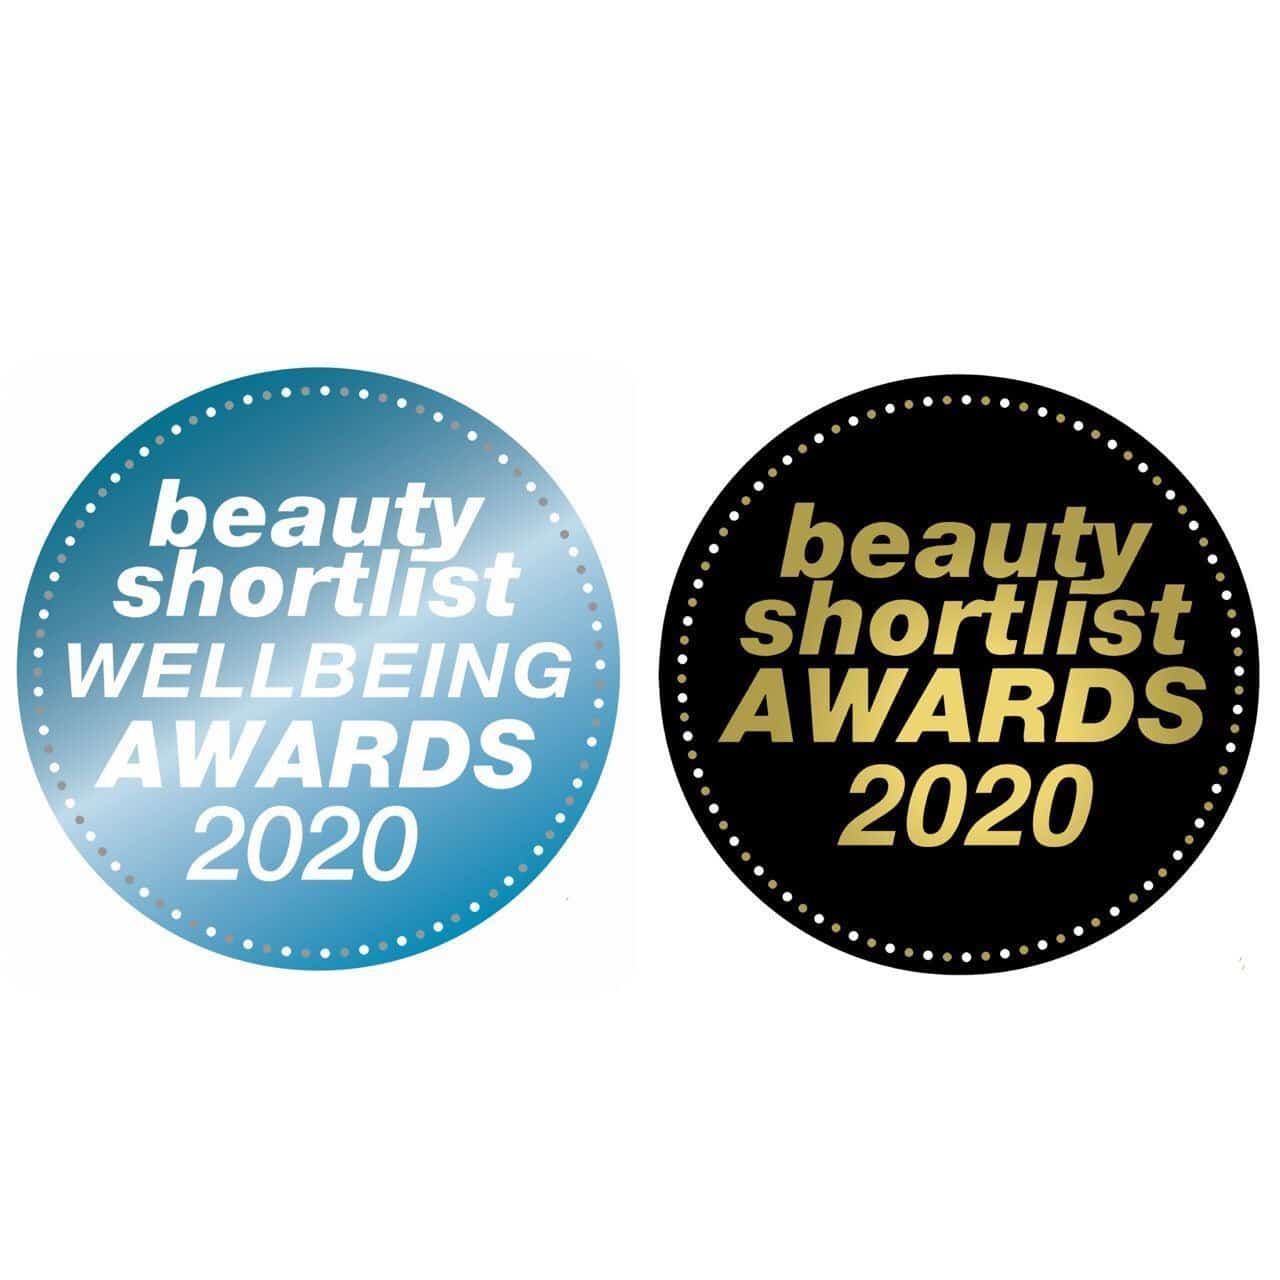 the beauty shortlist